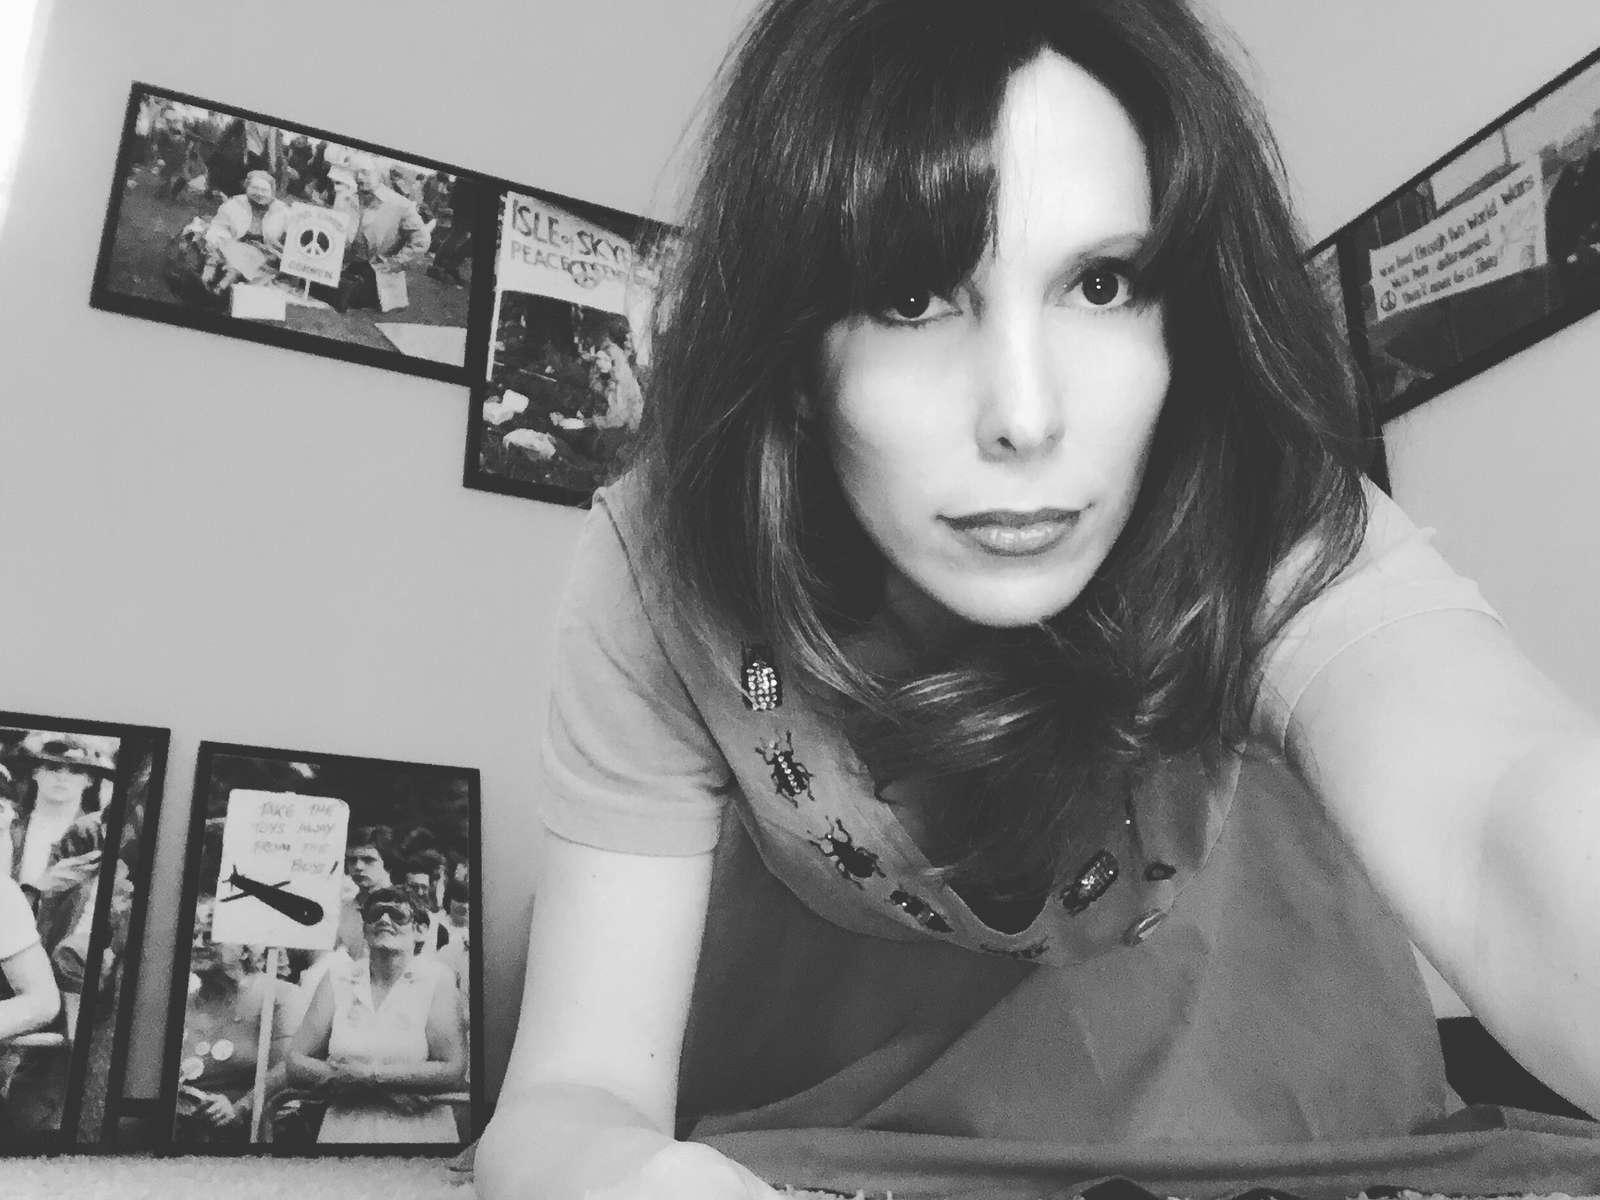 Eleonora-IMG_2744